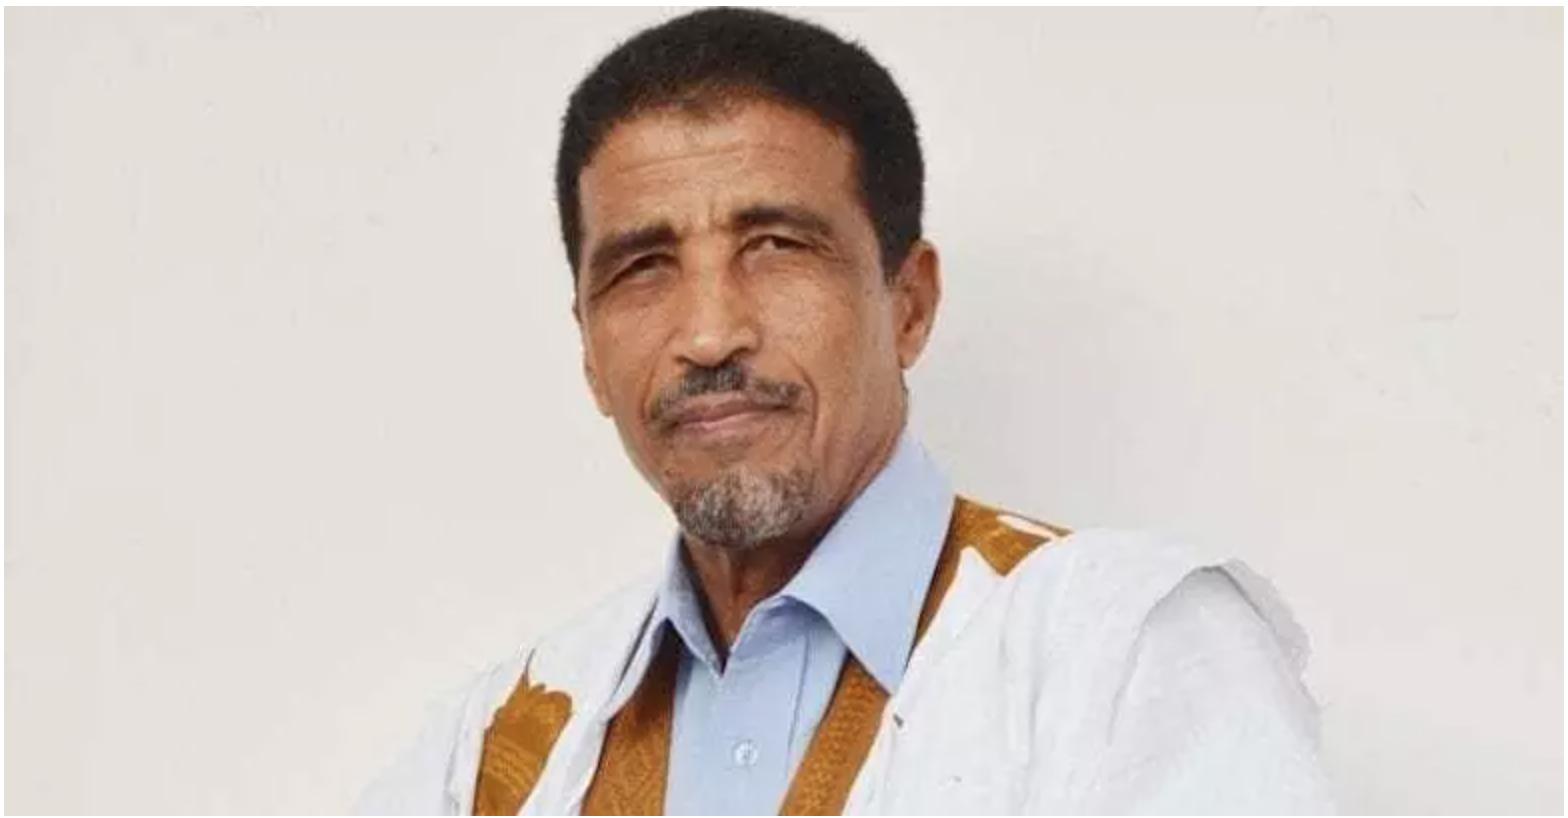 Ould Maouloud : « la gouvernance des autorités actuelles est particulièrement médiocre et non transparente »